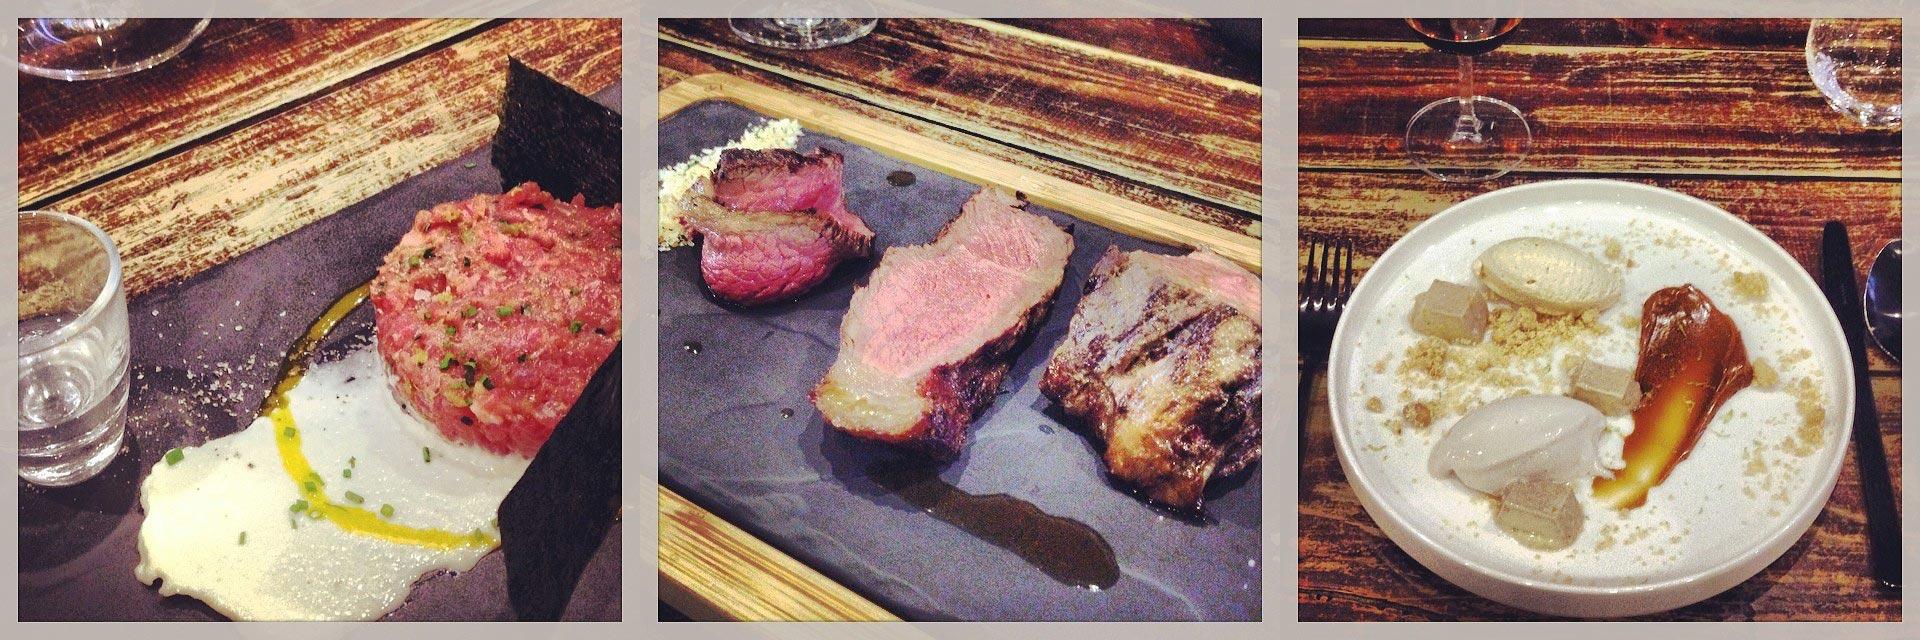 Detalhes da refeição no restaurante O Talho